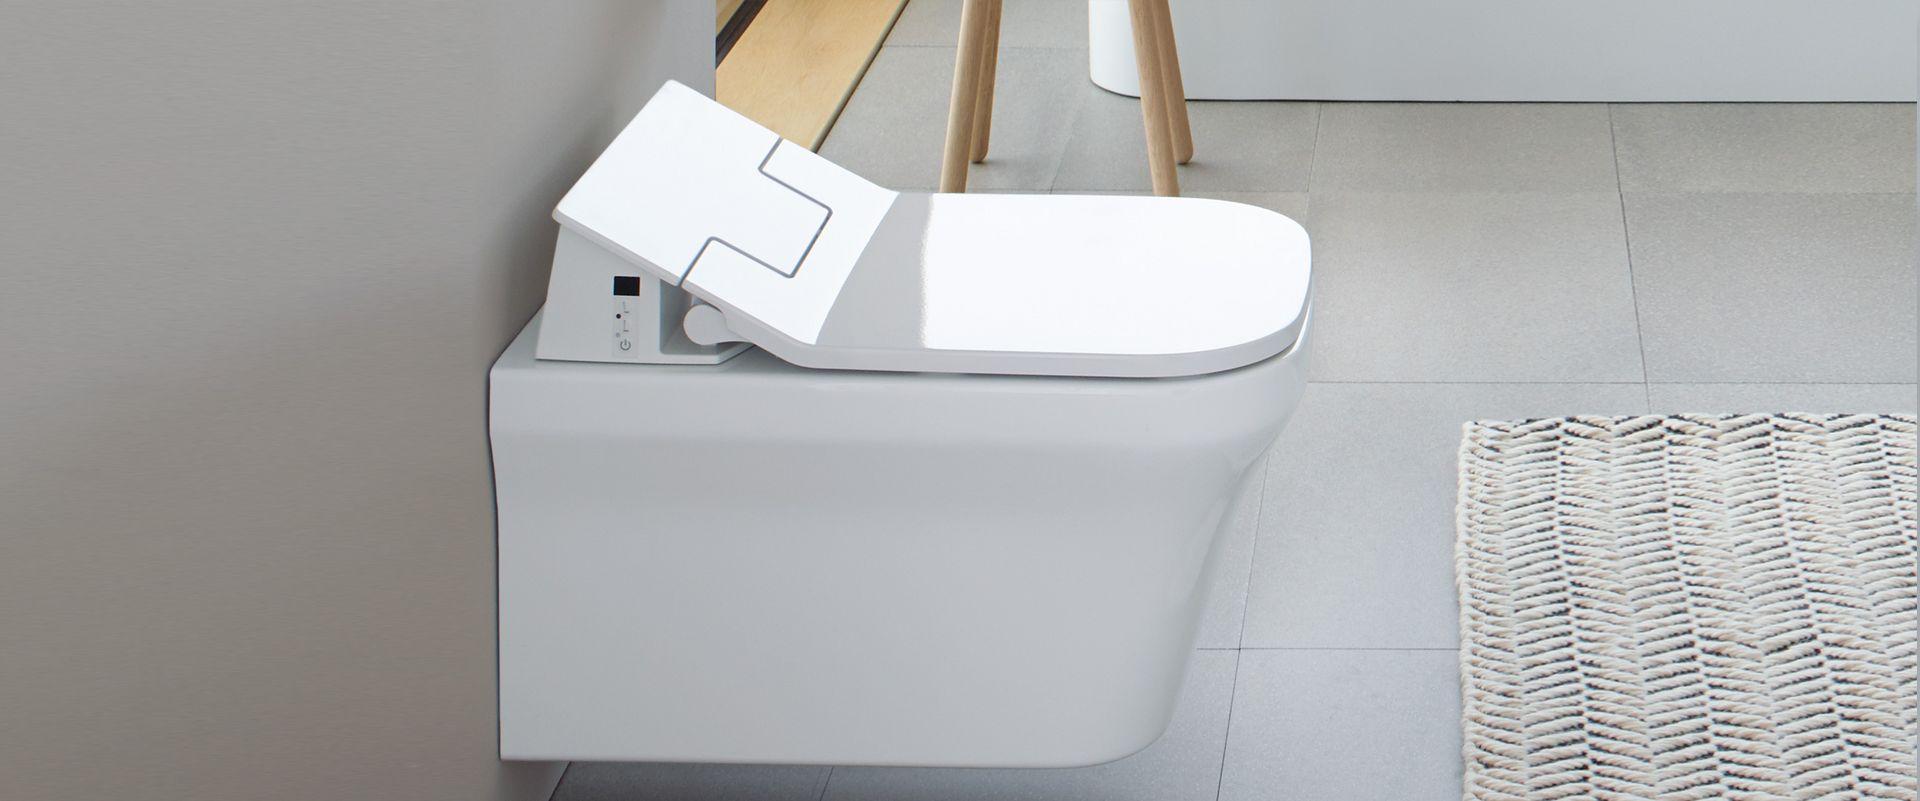 Full Size of Dusch Wc Aufsatz Der Sensowash Sitz Von Duravit Sorgt Fr Besonderes Walk In Dusche Duschen Kaufen Test Komplett Set Begehbare Ohne Tür Behindertengerechte Dusche Dusch Wc Aufsatz